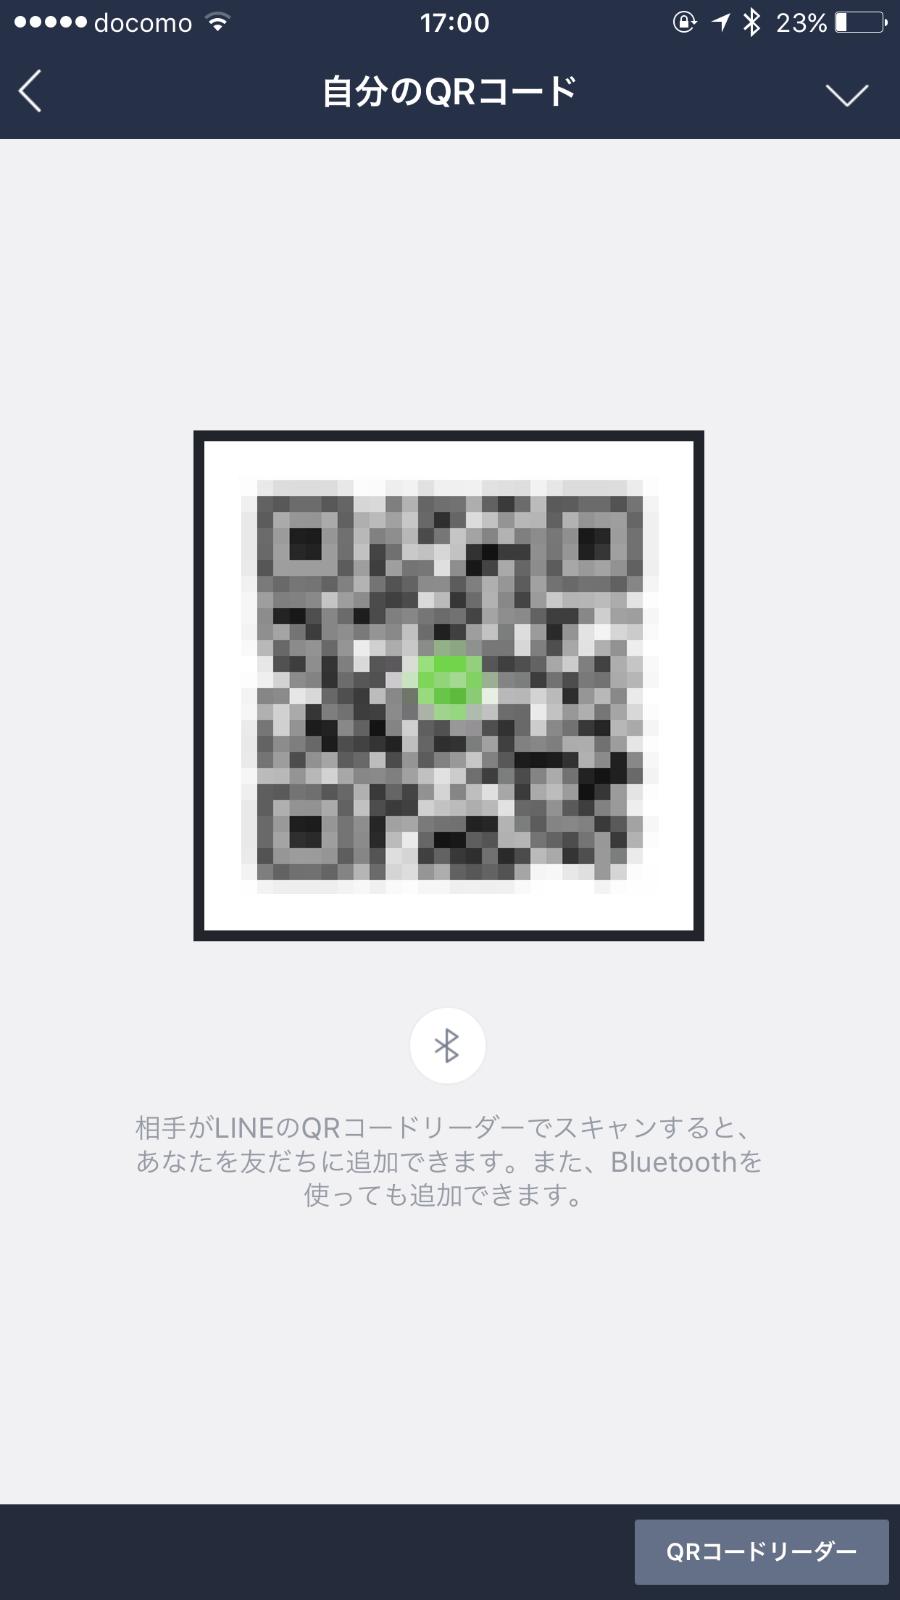 Line qr code 0346